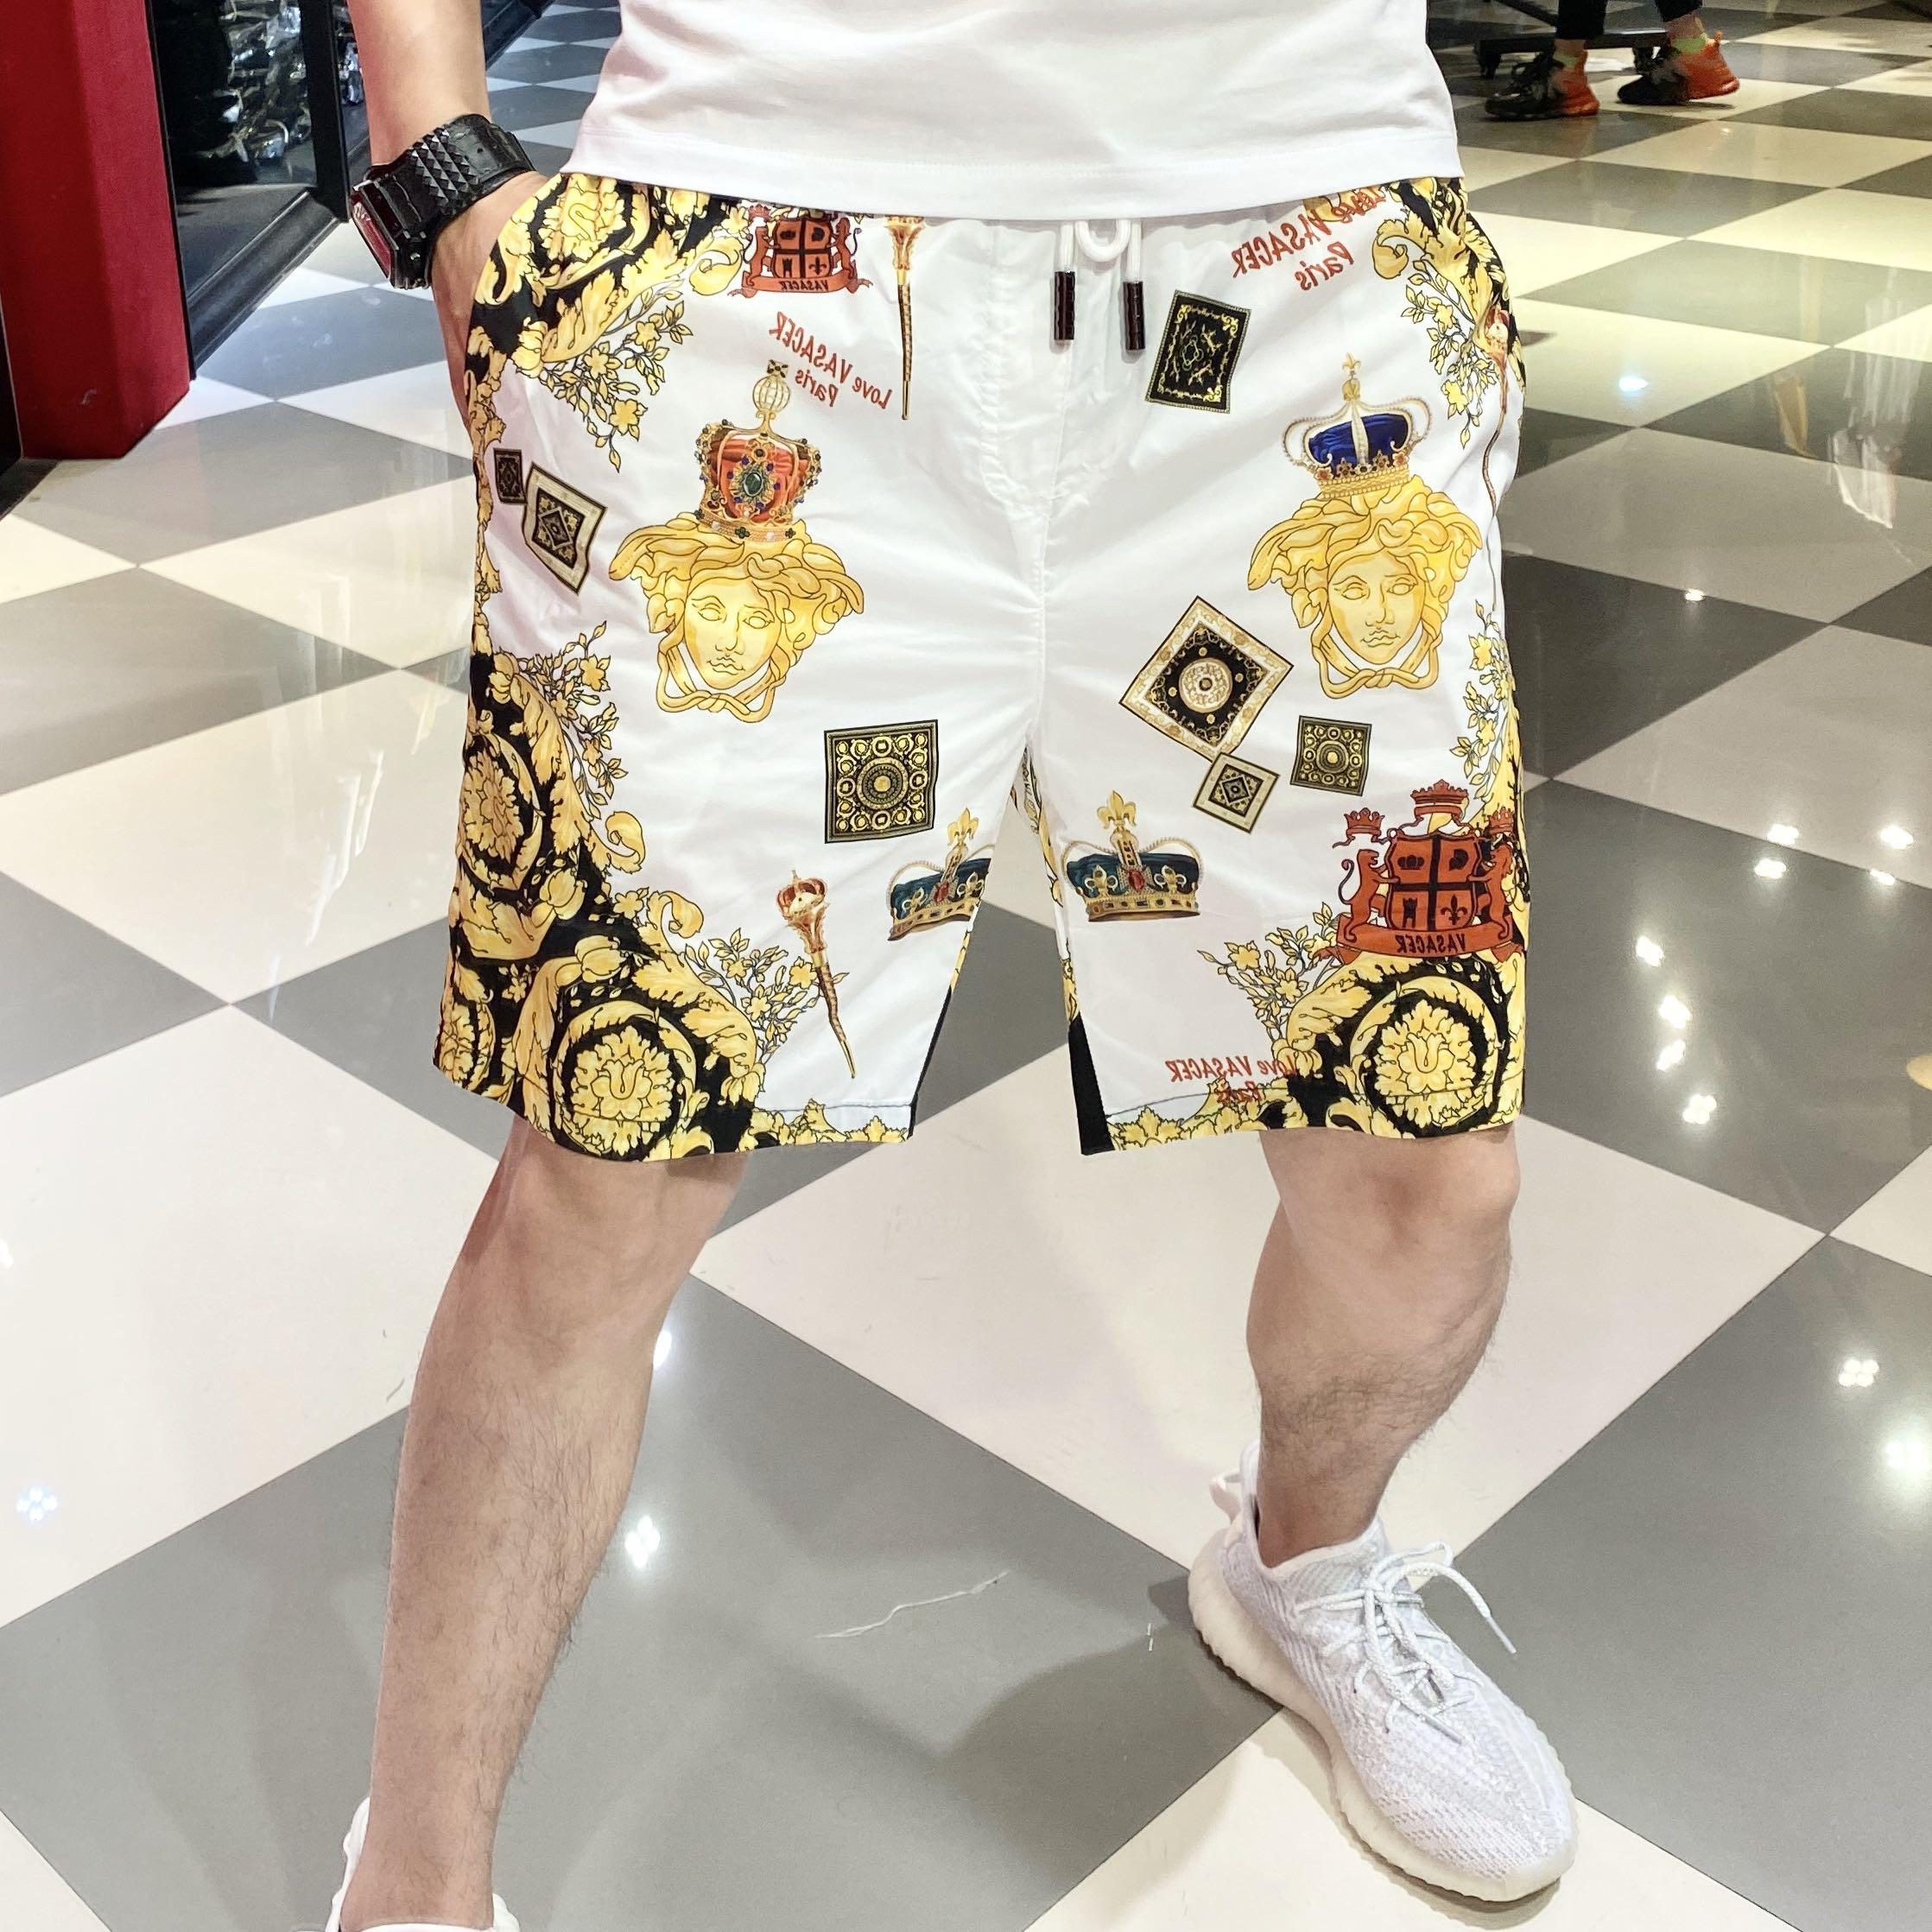 帝哲尼短裤男2020夏新款五分裤潮牌潮流休闲裤宽松男裤运动沙滩裤